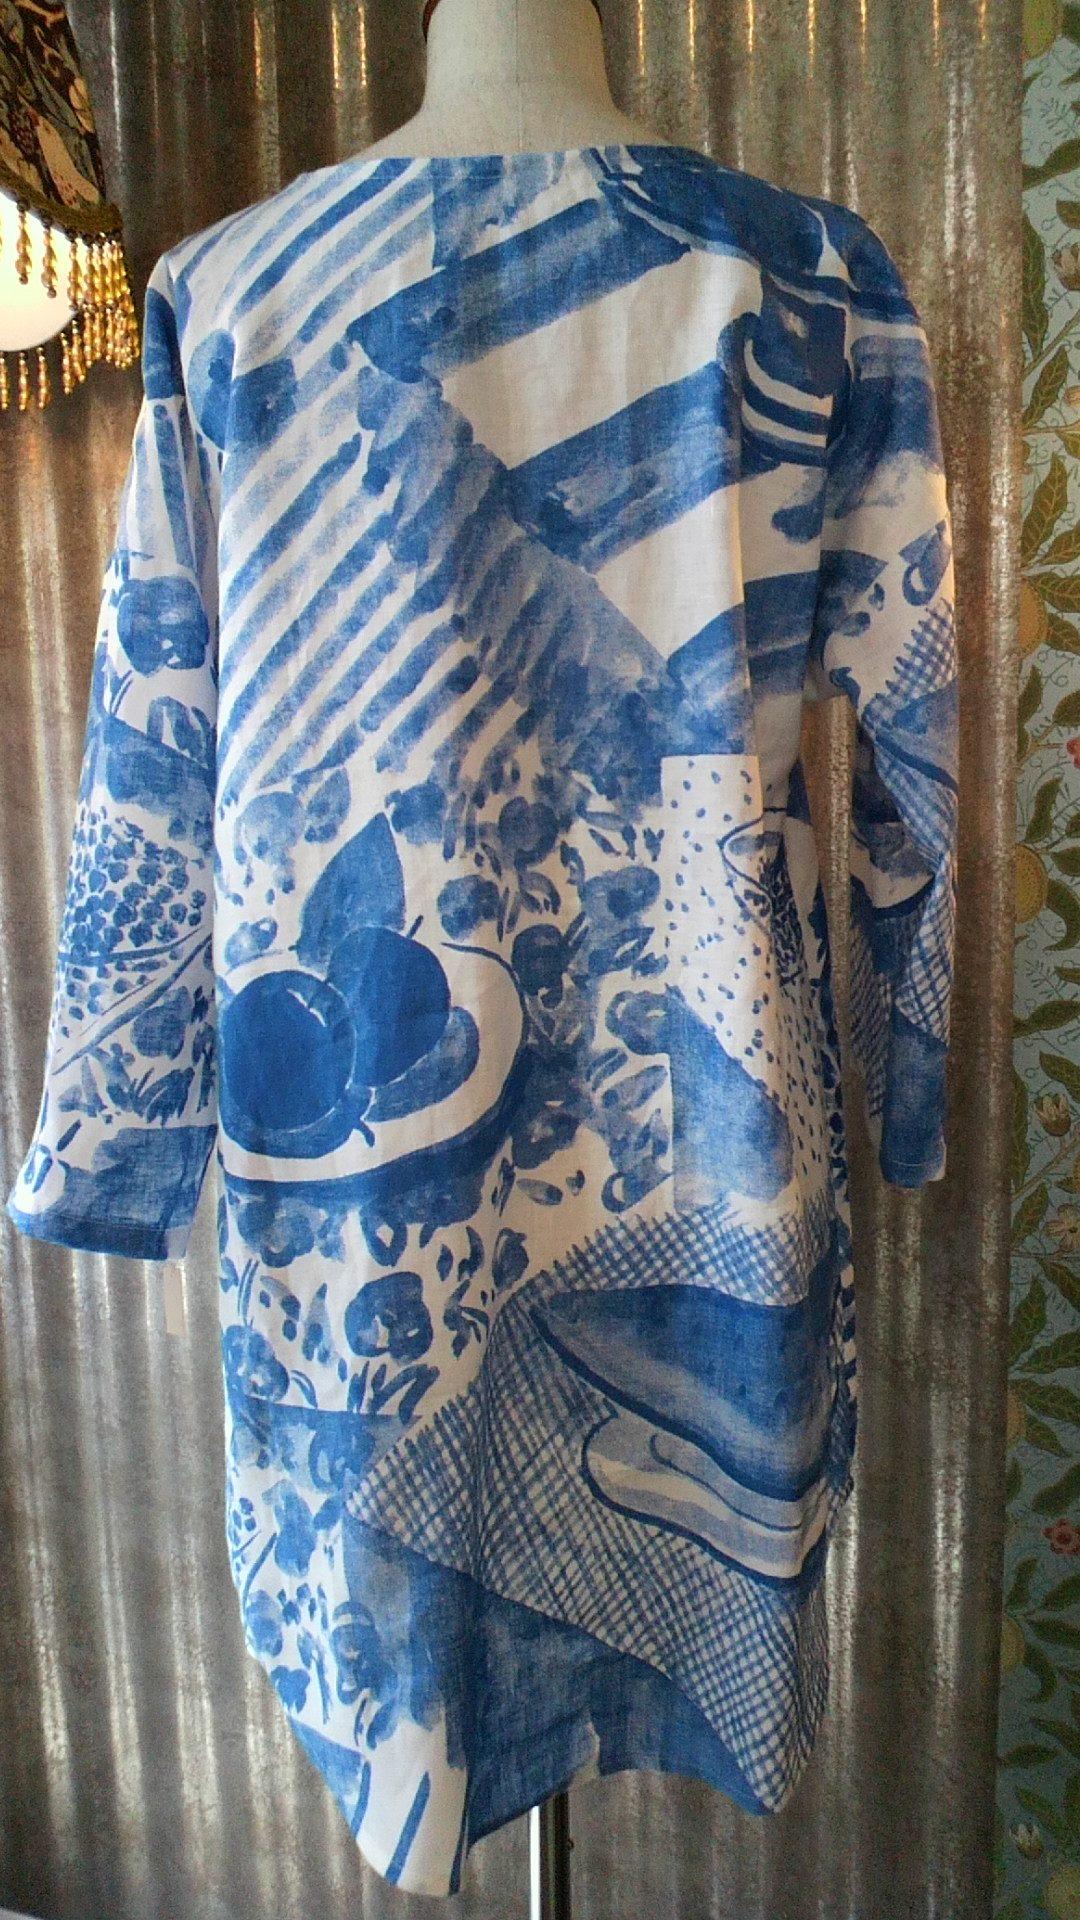 カーテン生地で作る『マリメッコ』の洋服_c0157866_19383197.jpg